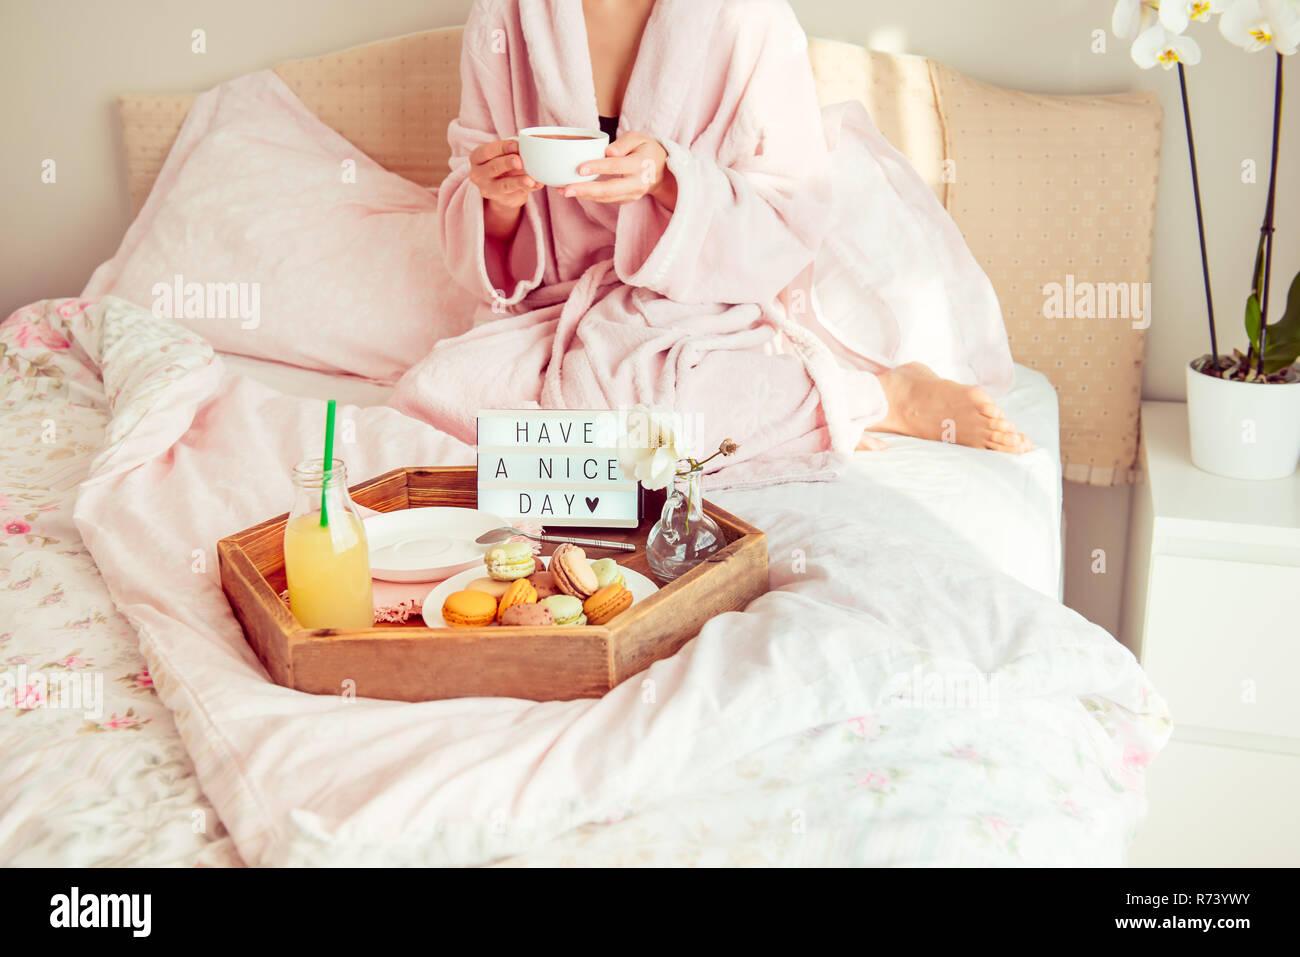 Guten Morgen Konzept Frühstück Im Bett Mit Ihnen Einen